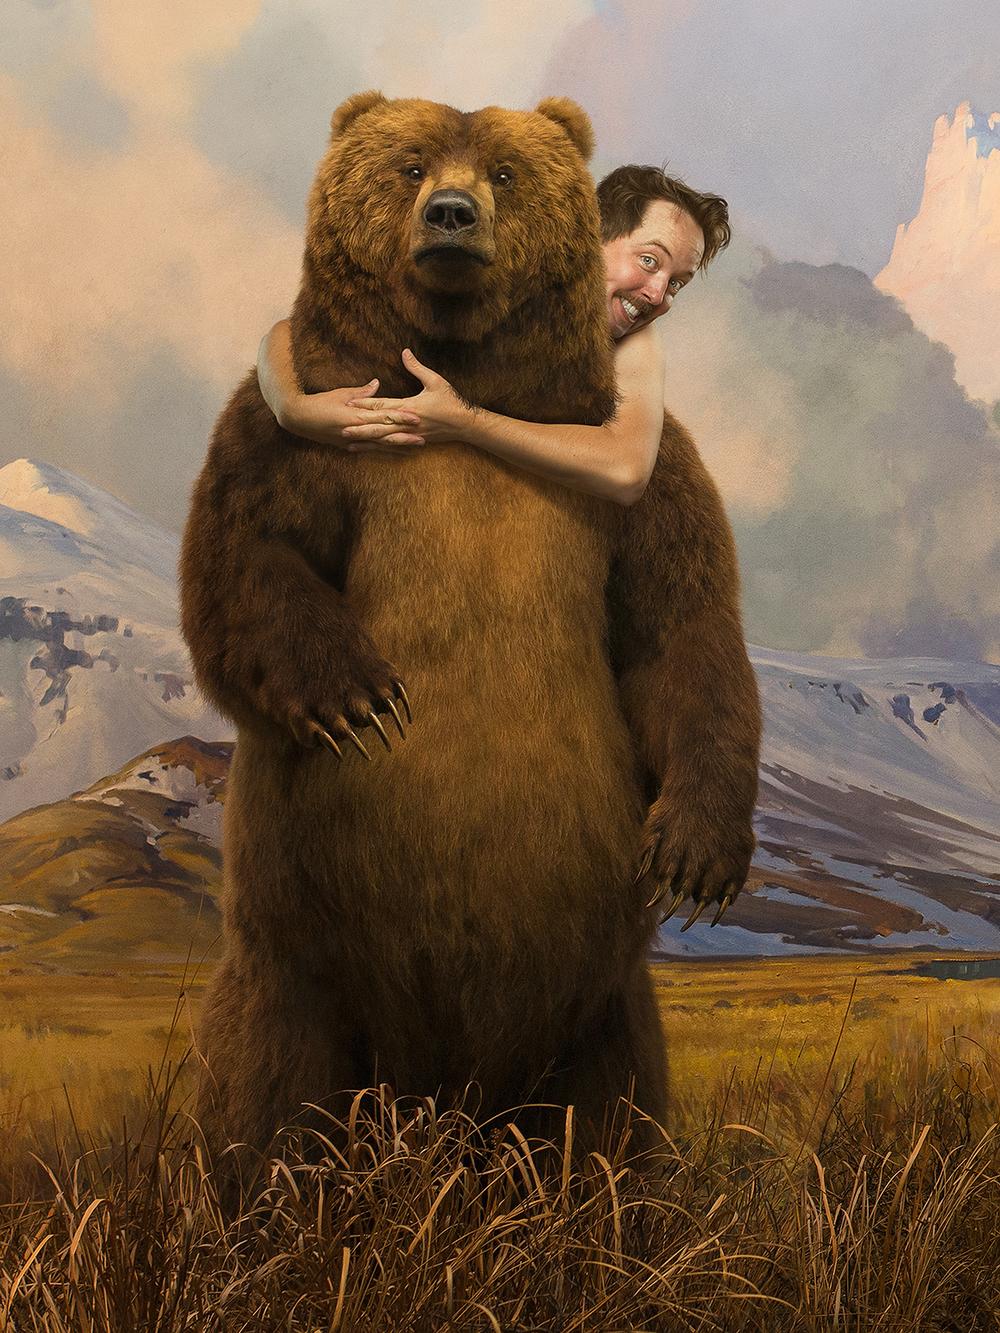 Bear_Hug_LO-2.jpg